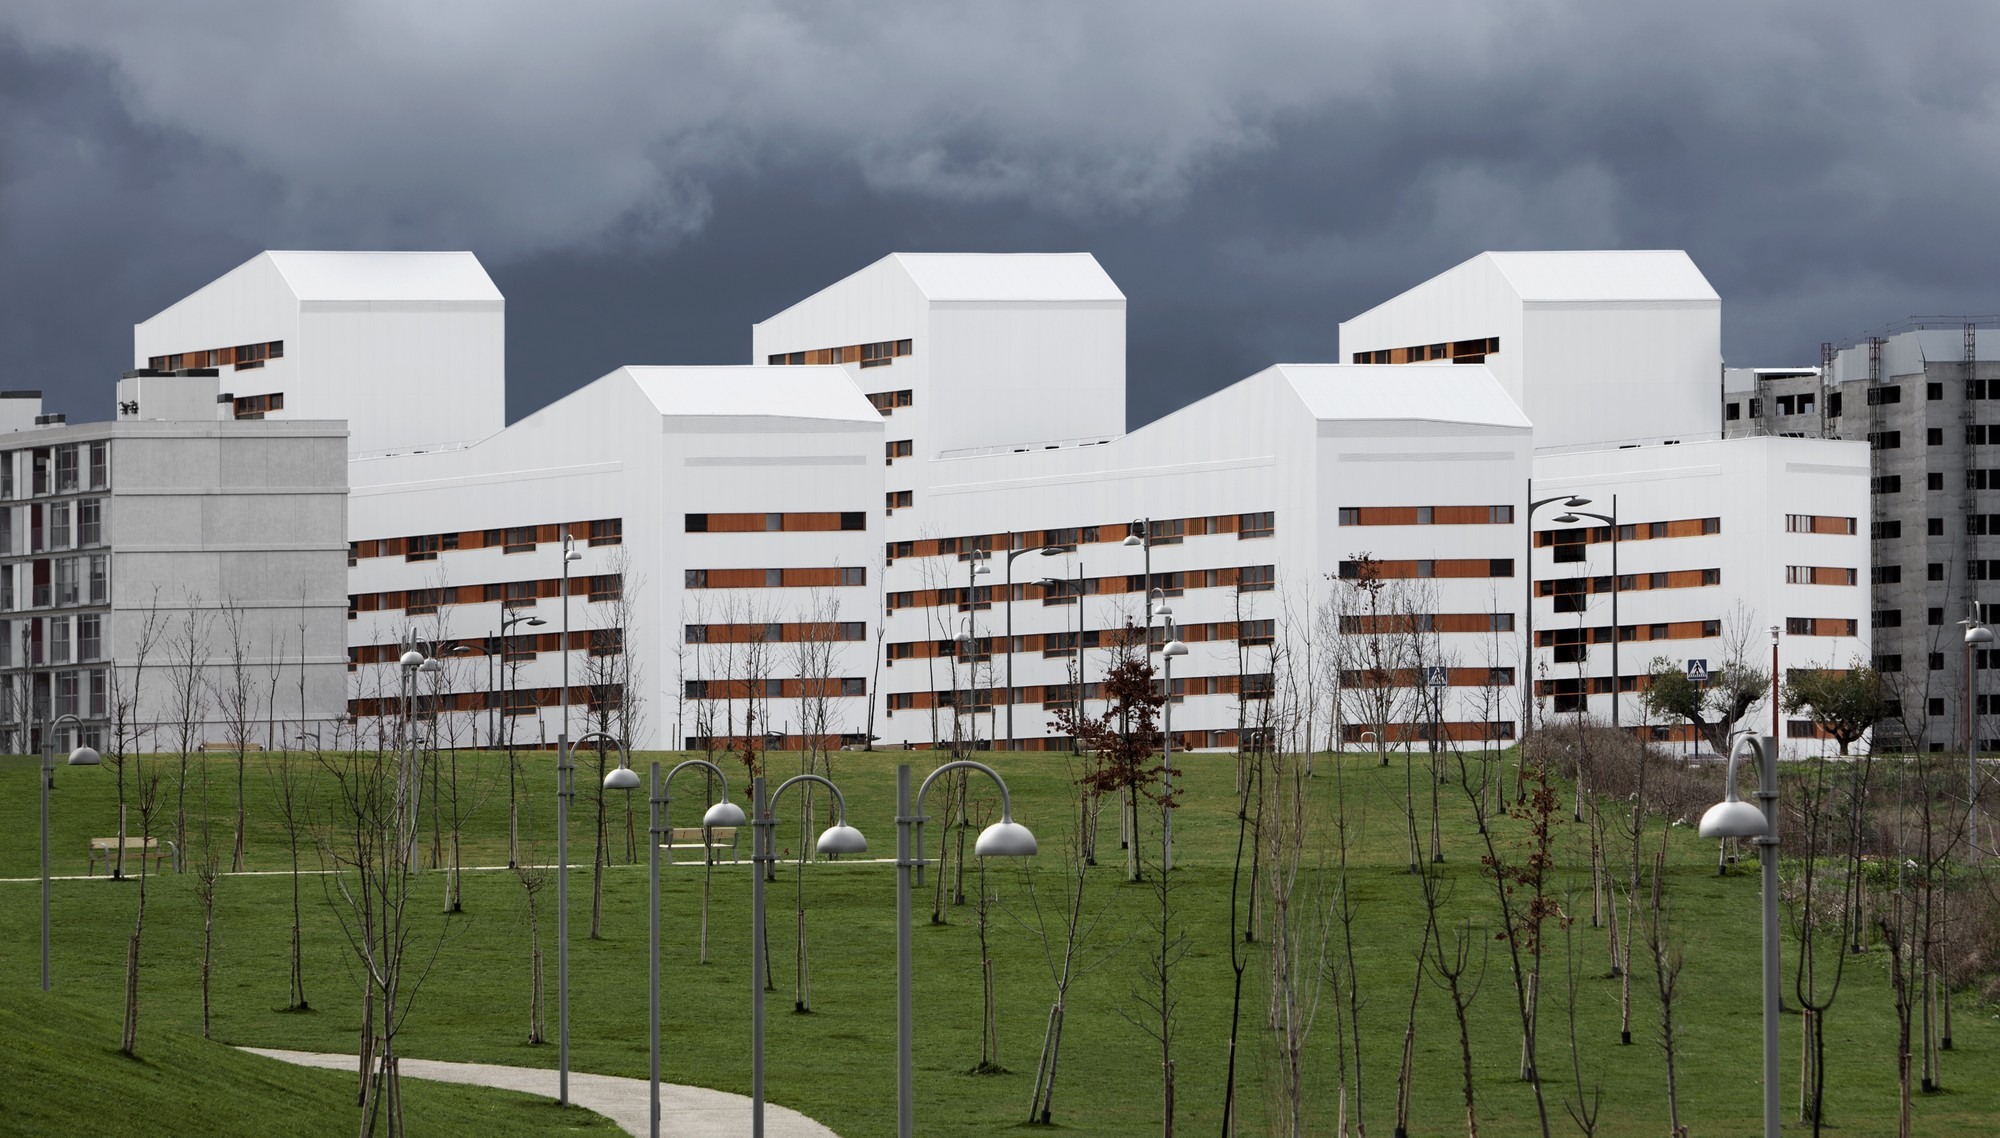 Galer a de nuevo grupo de viviendas de protecci n oficial en vitoria gasteiz acxt arquitectos 4 - Arquitectos en vitoria ...